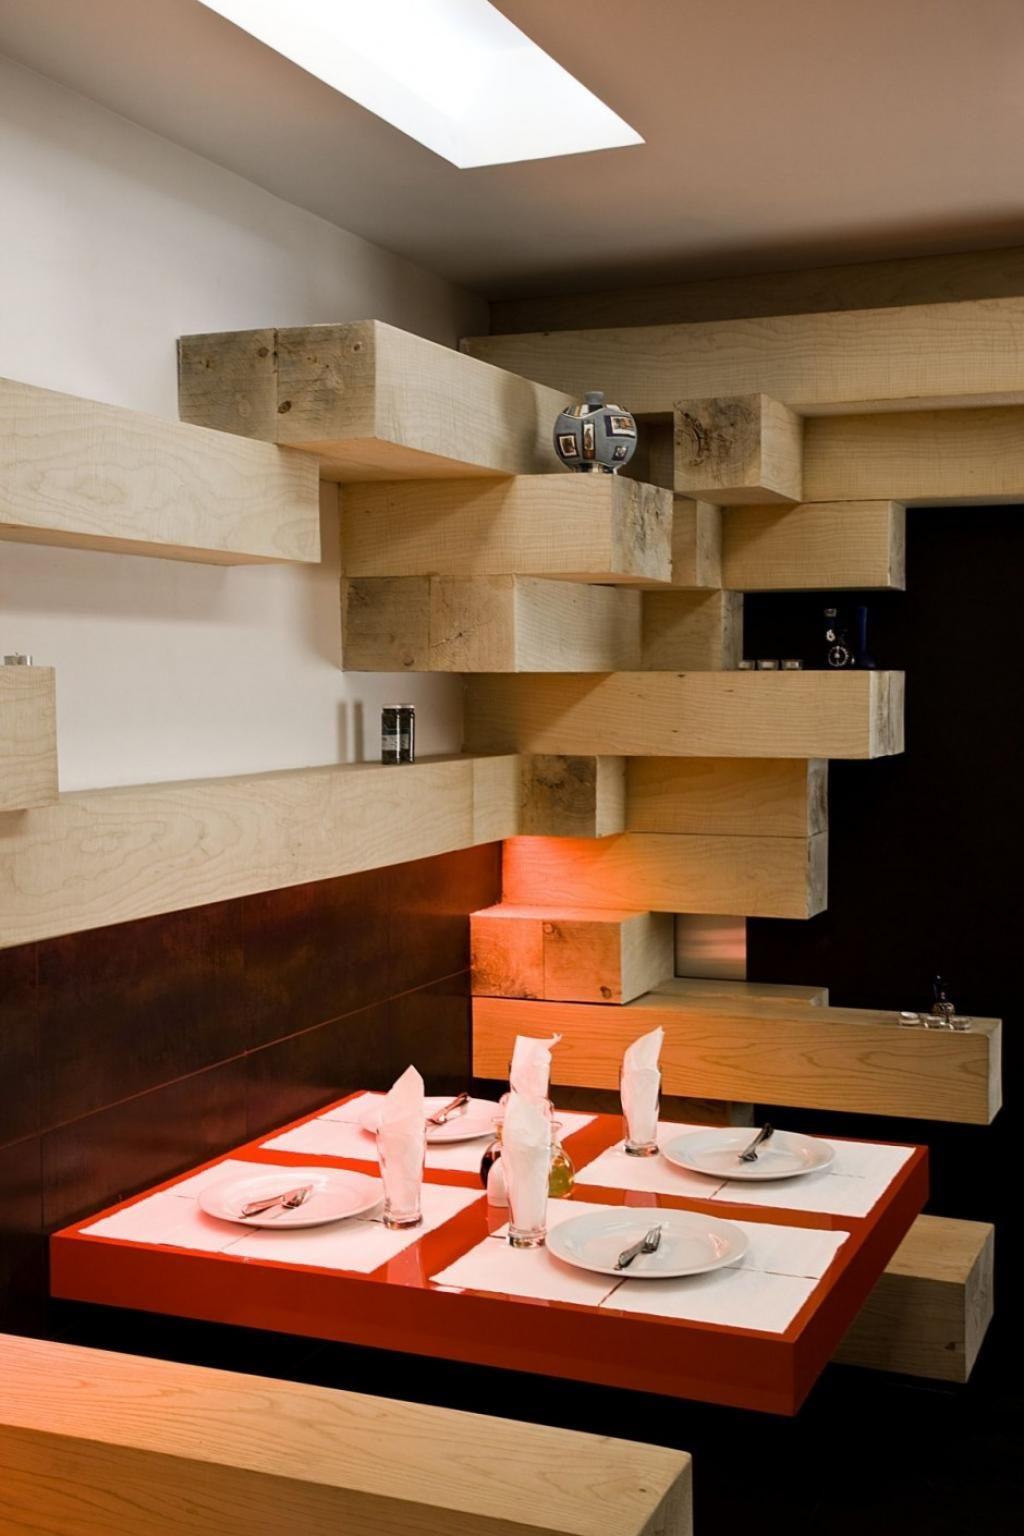 interior design images | Inspire Design Fancy Restaurant Interior ...